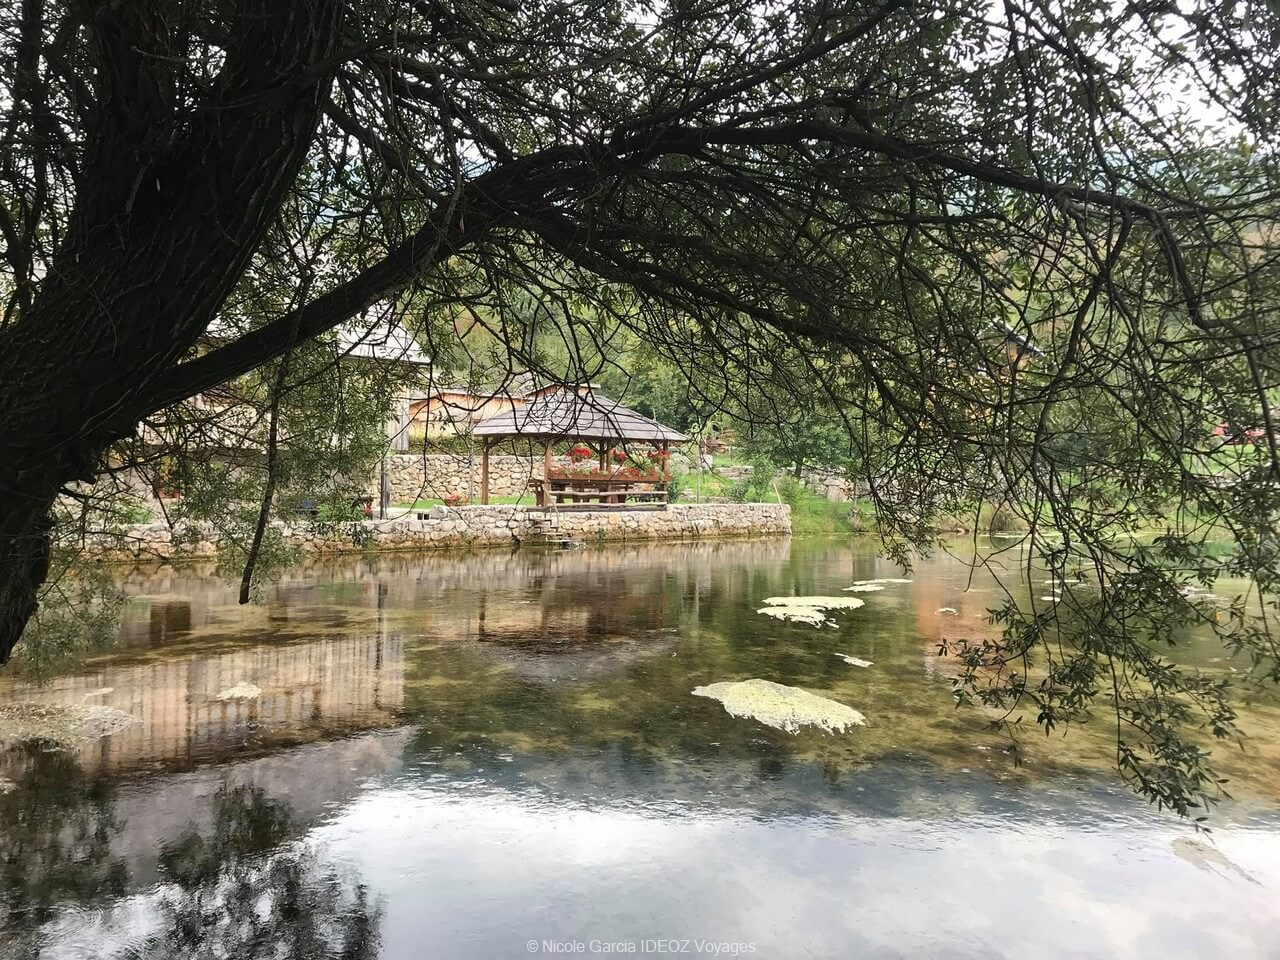 Que voir près du parc de Plitvice? Visites et excursions recommandées 1